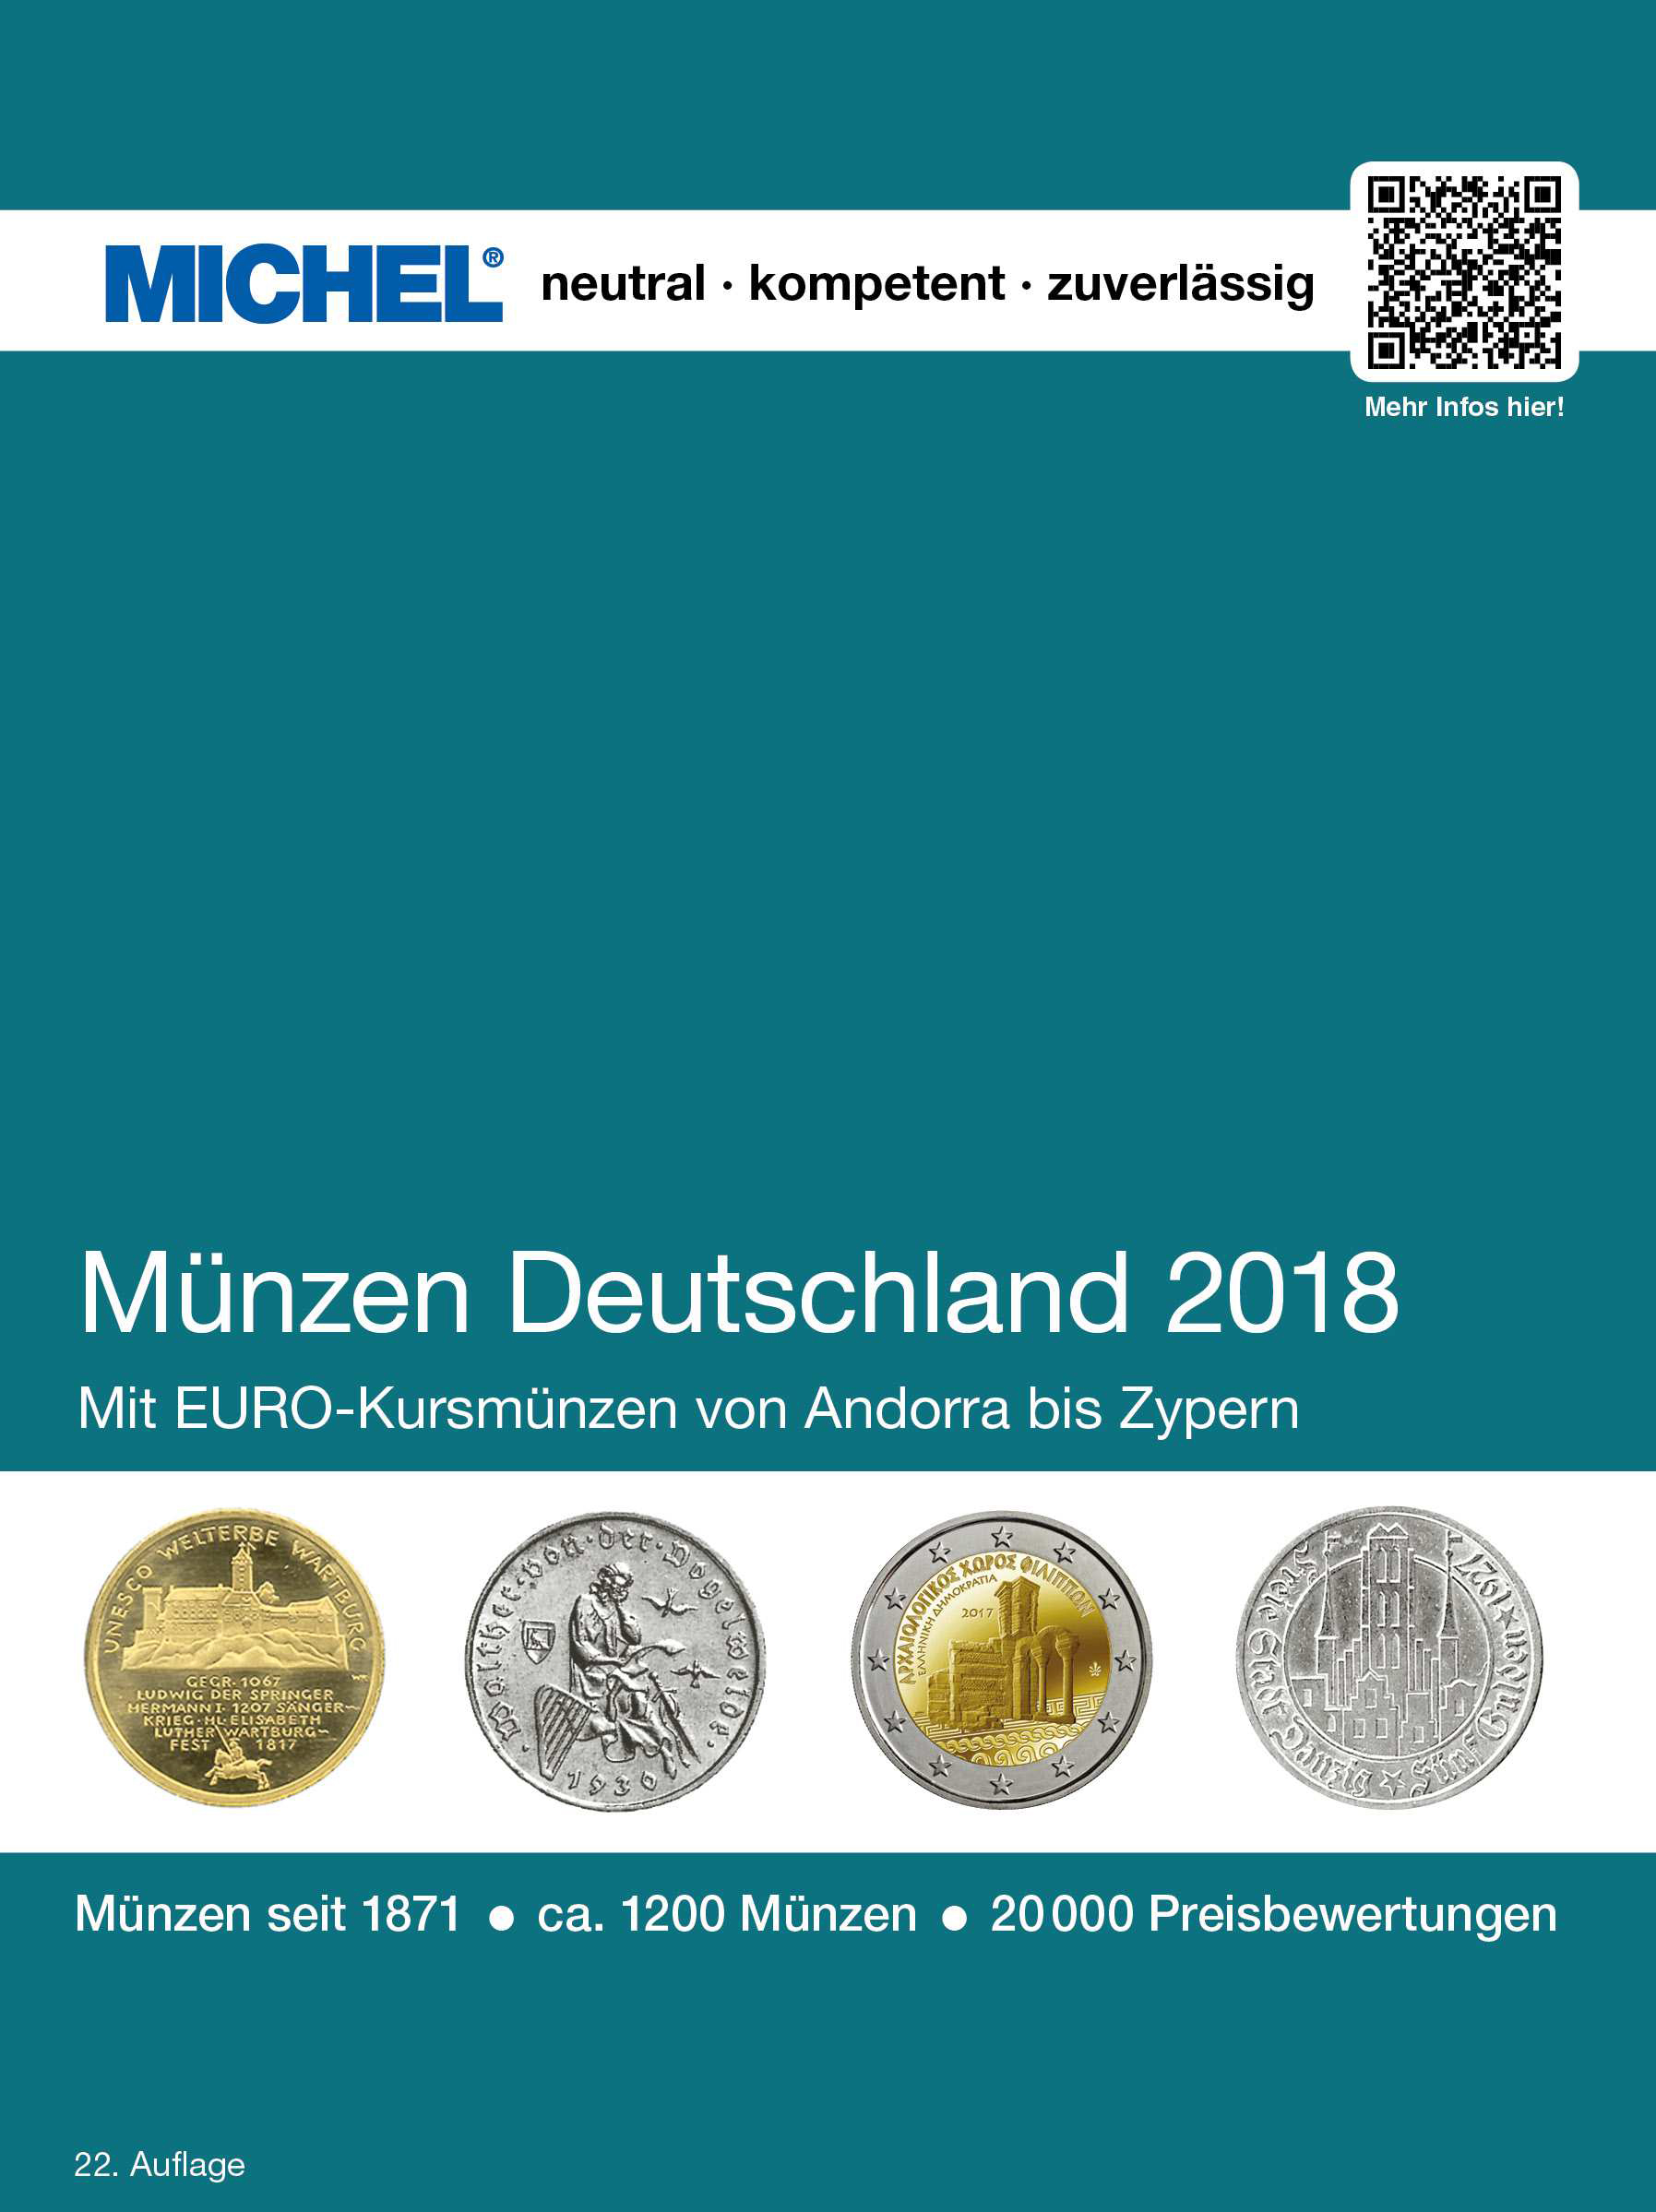 Michel Münzen Deutschland 2018 Aphv Bundesverband Des Deutschen